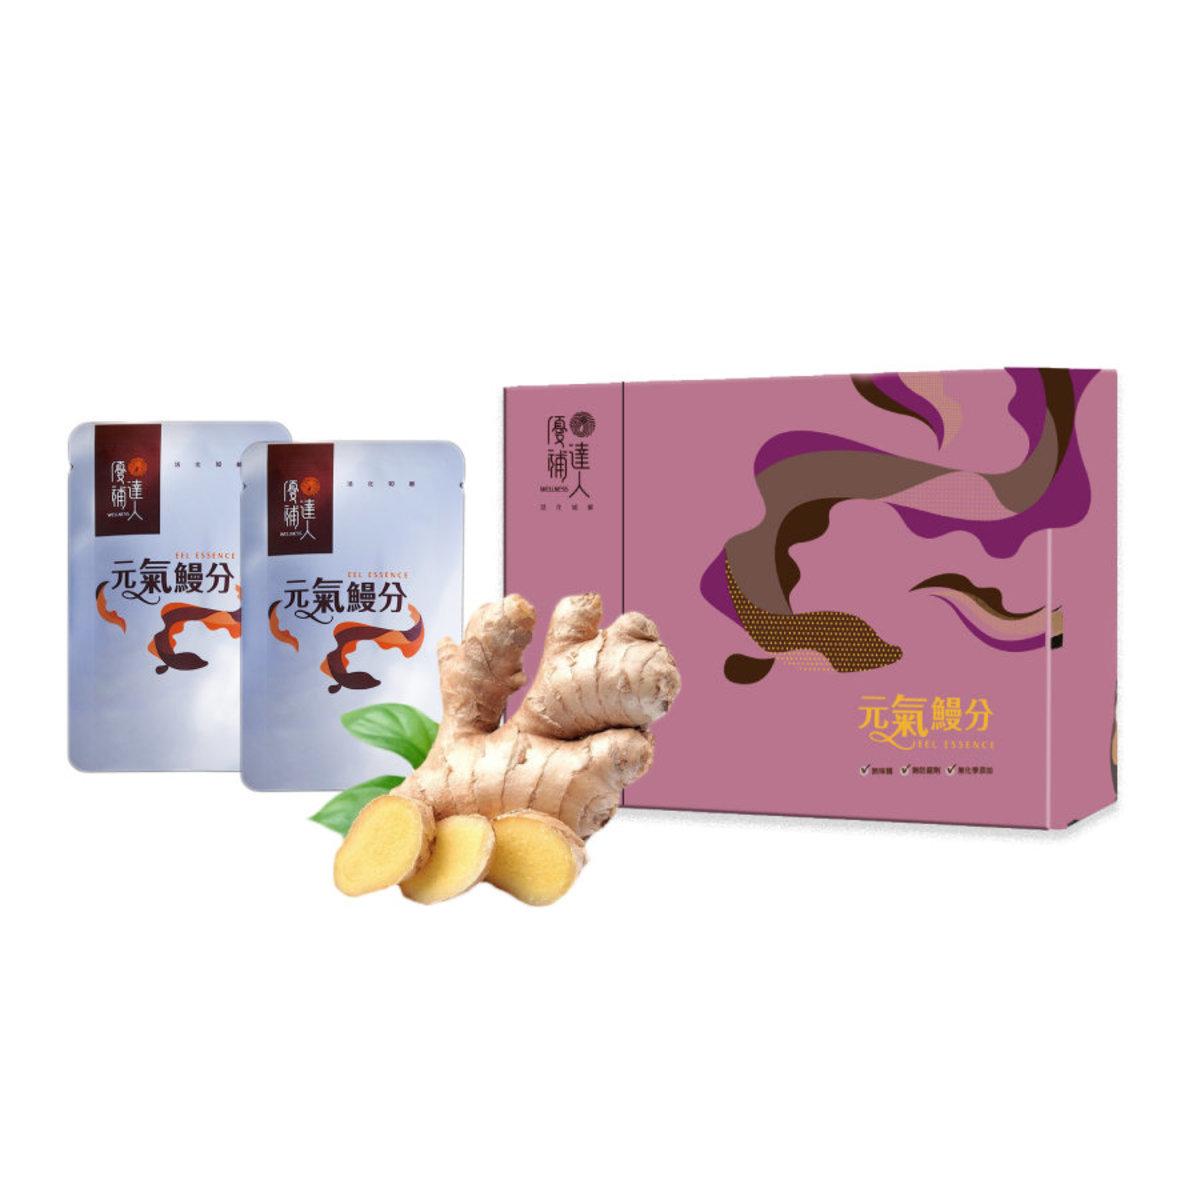 滋補原味鰻魚精華 (常溫版) (60ml x 10包)